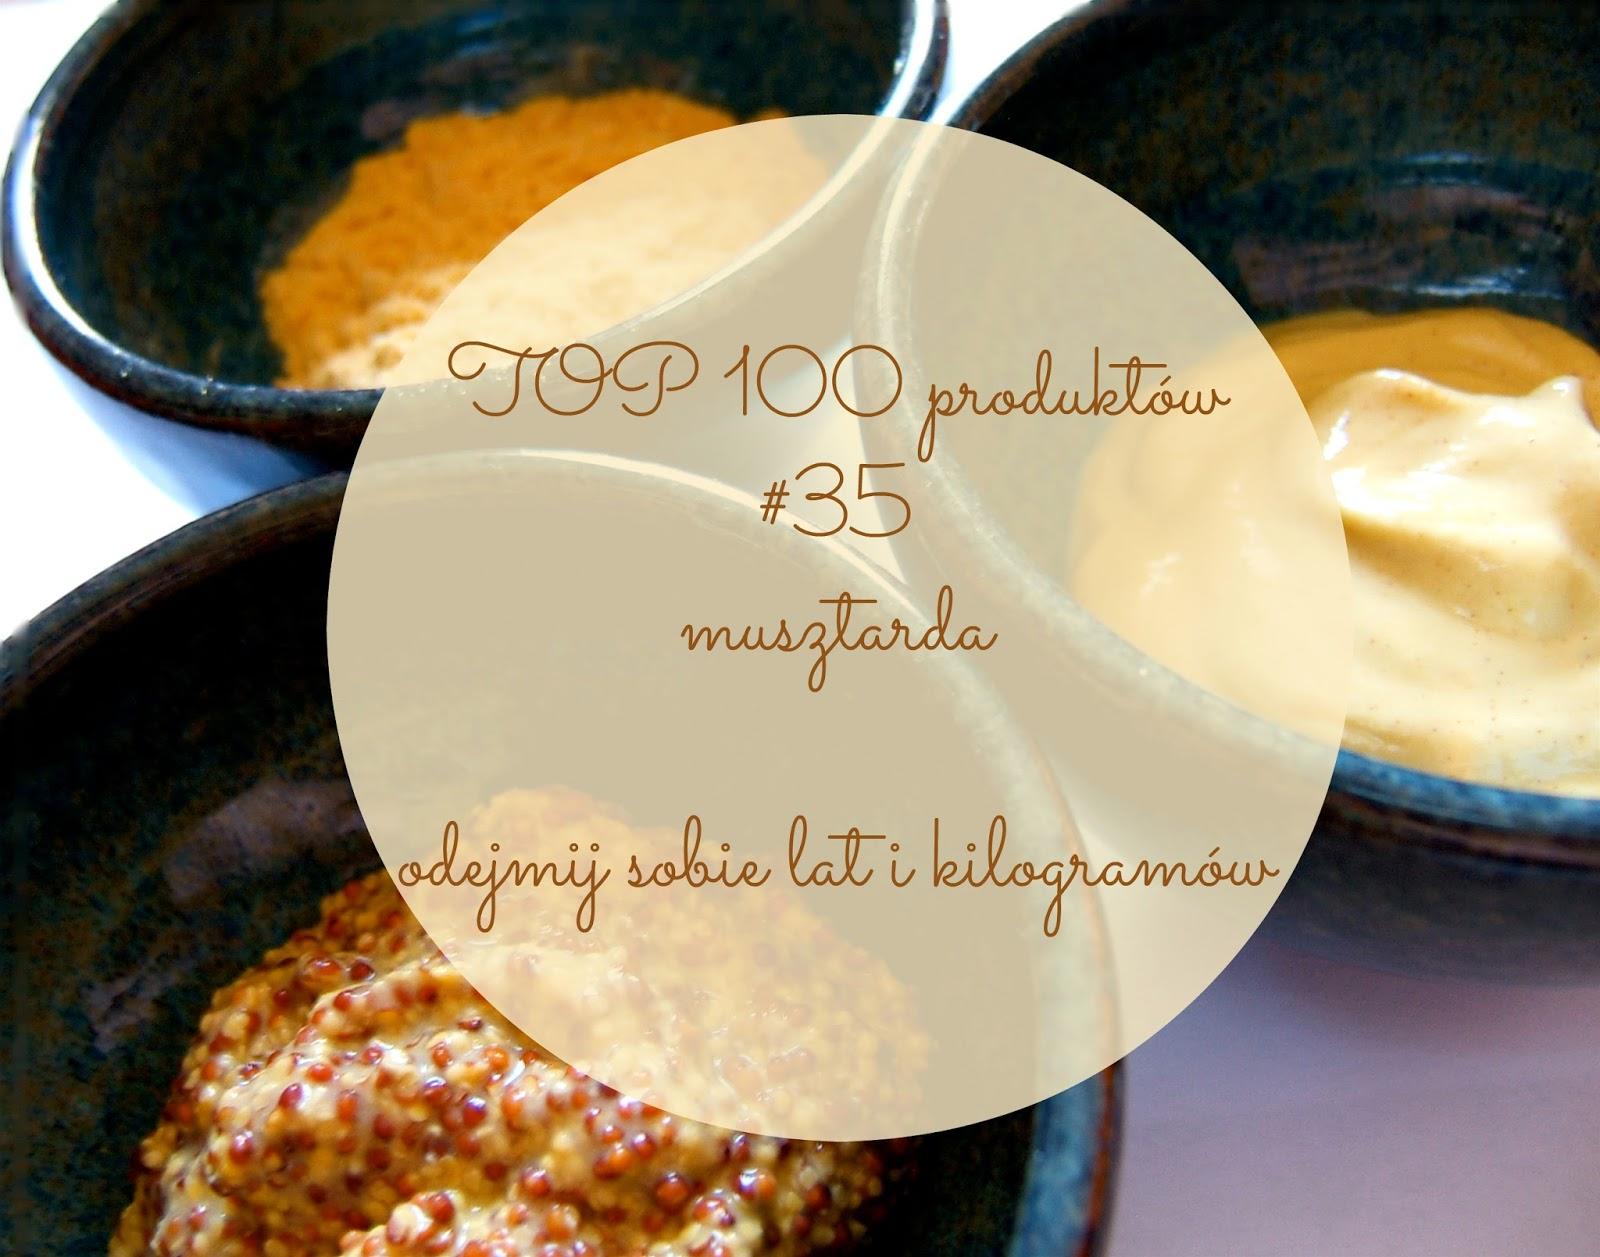 TOP 100 produktów #35 – musztarda, czyli wyostrz smak i odejmij sobie lat (i kilogramów)!